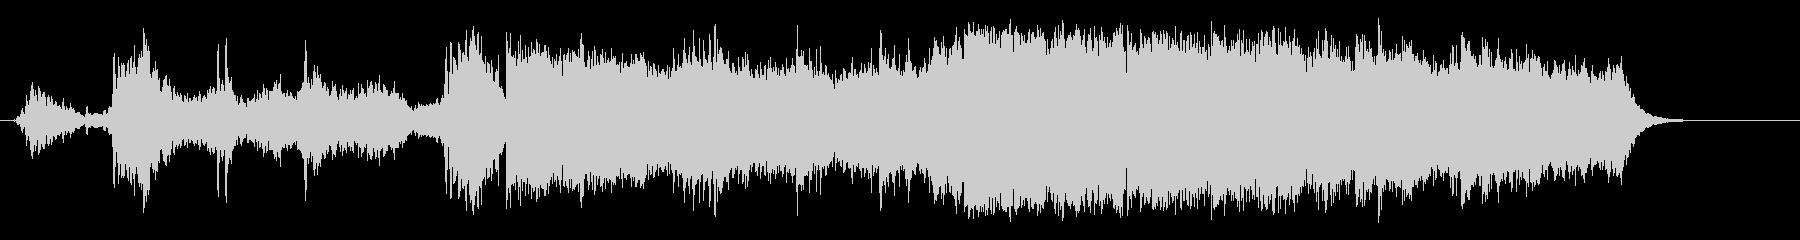 環境音楽(山岳ドキュメント・タッチ)の未再生の波形